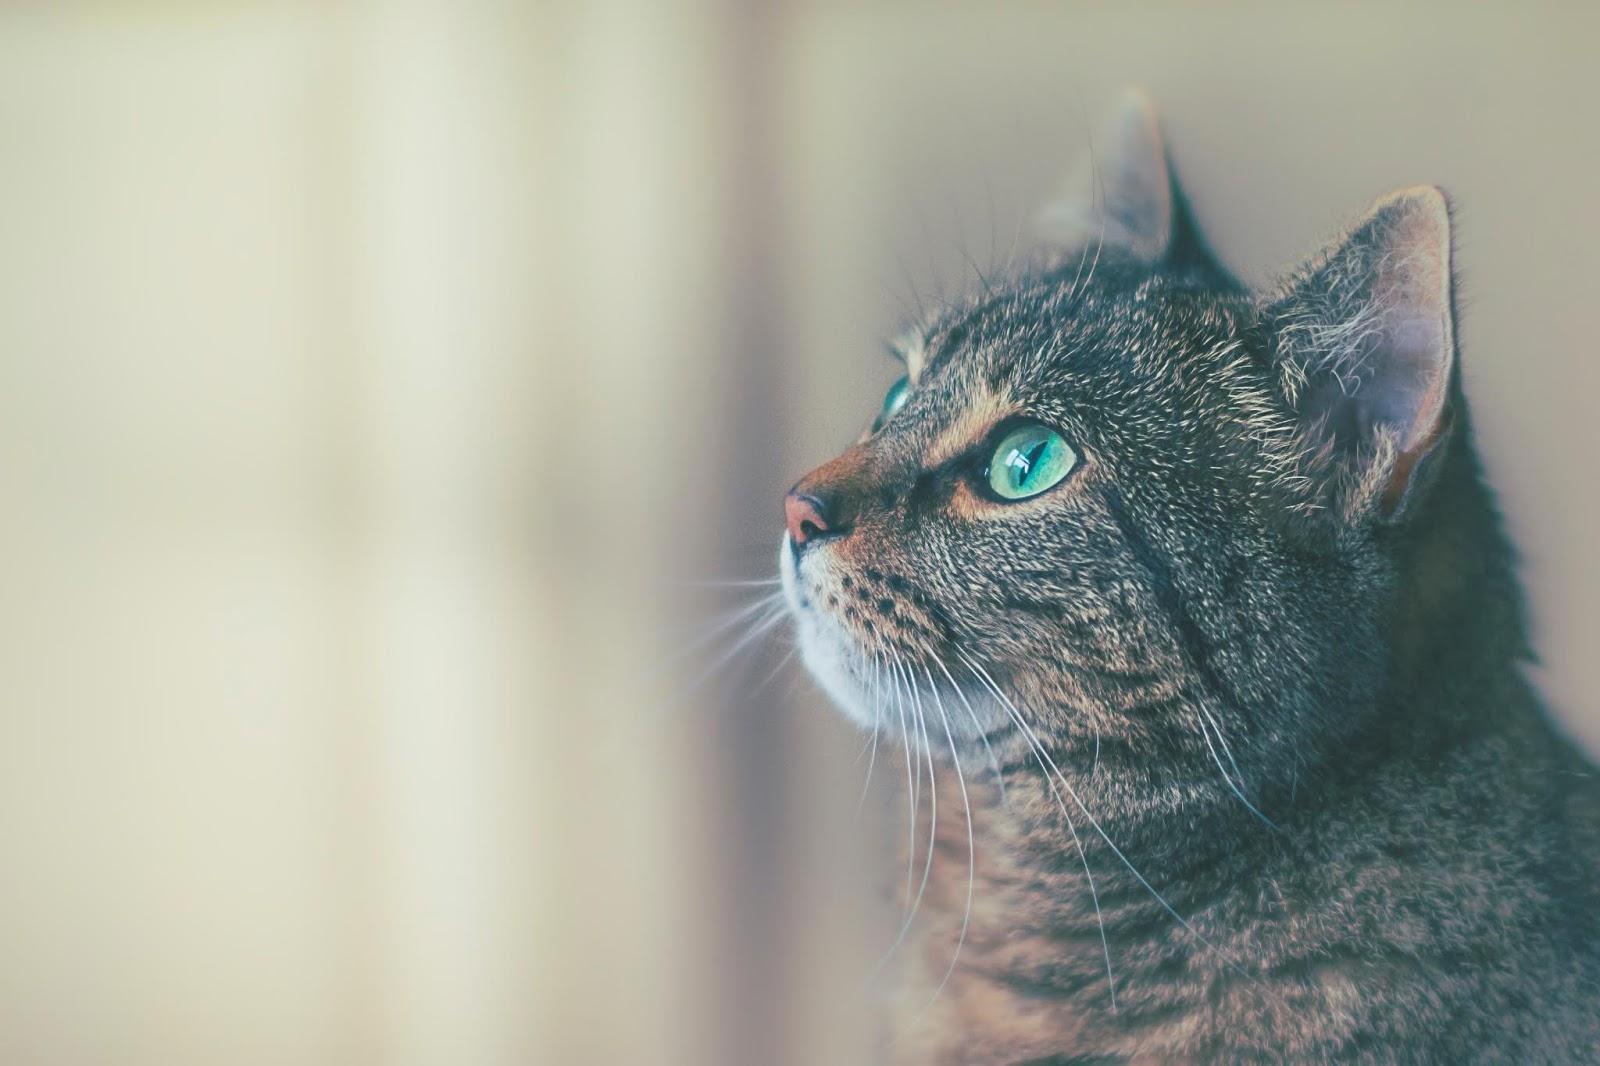 【我是貓】第一章 (五) 夏目漱石